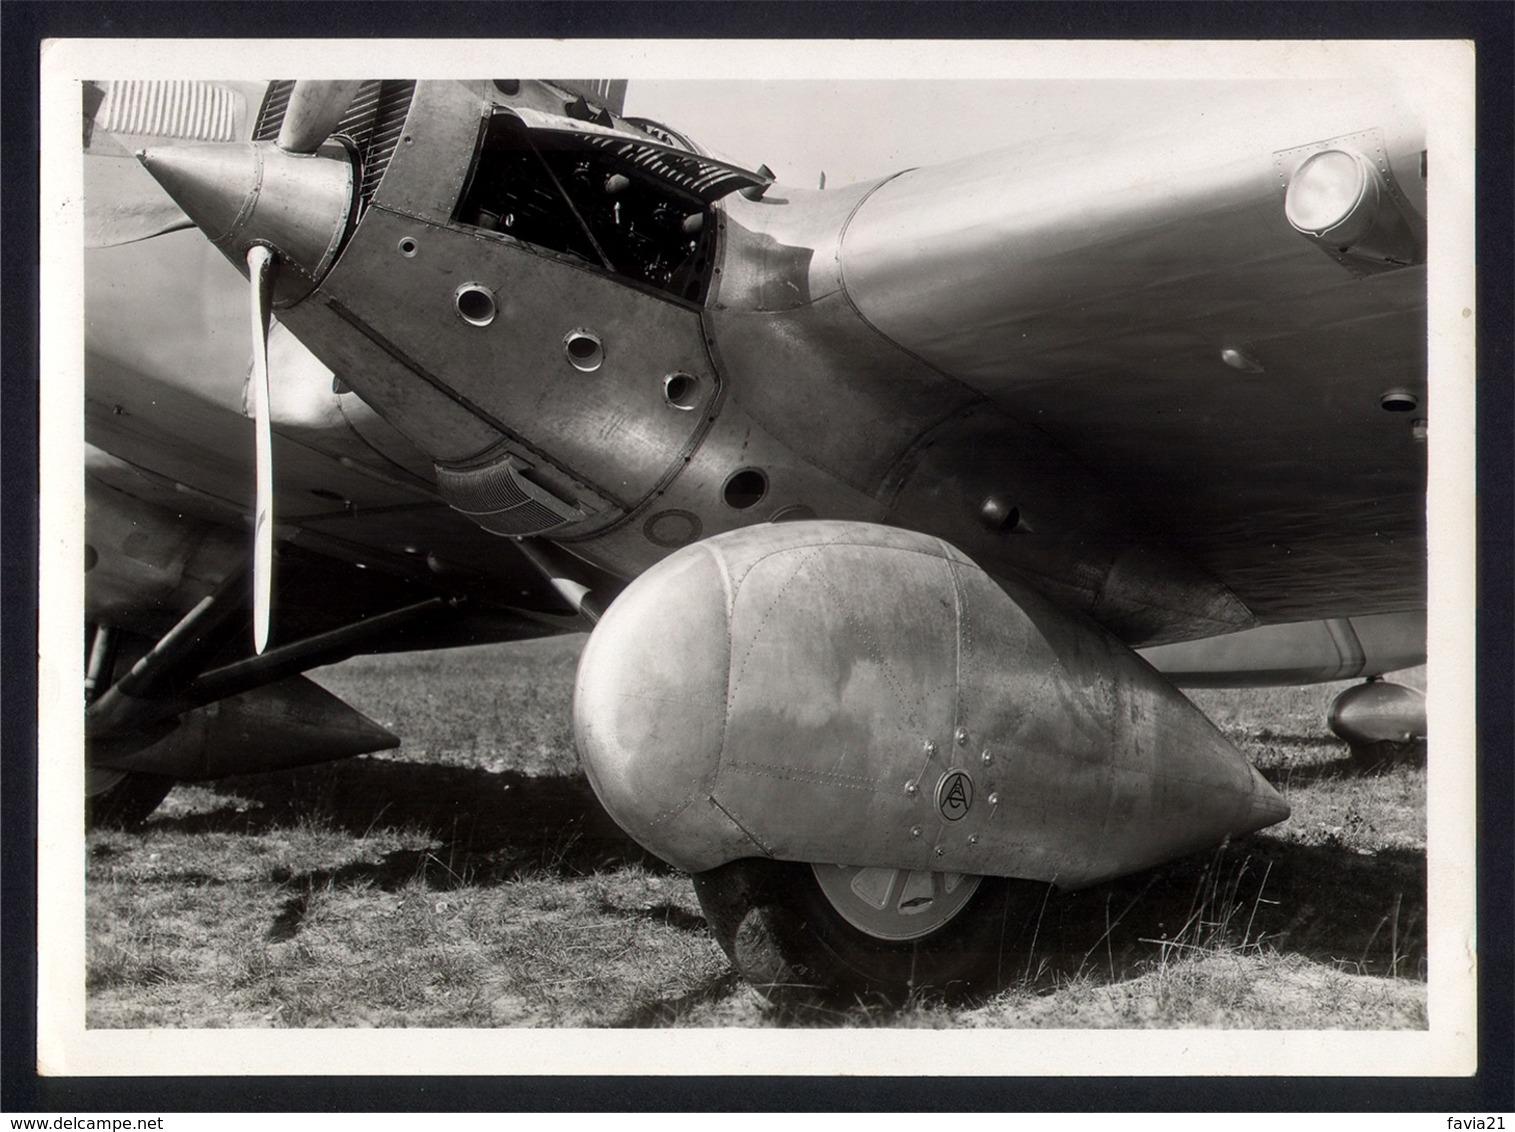 """PHOTO AVIATION 13x18 - COUZINET 70 """"Arc-en-Ciel"""" - Ligne MERMOZ - Gros Plan Train D'atterrissage Et Capot Moteur - Aviation"""